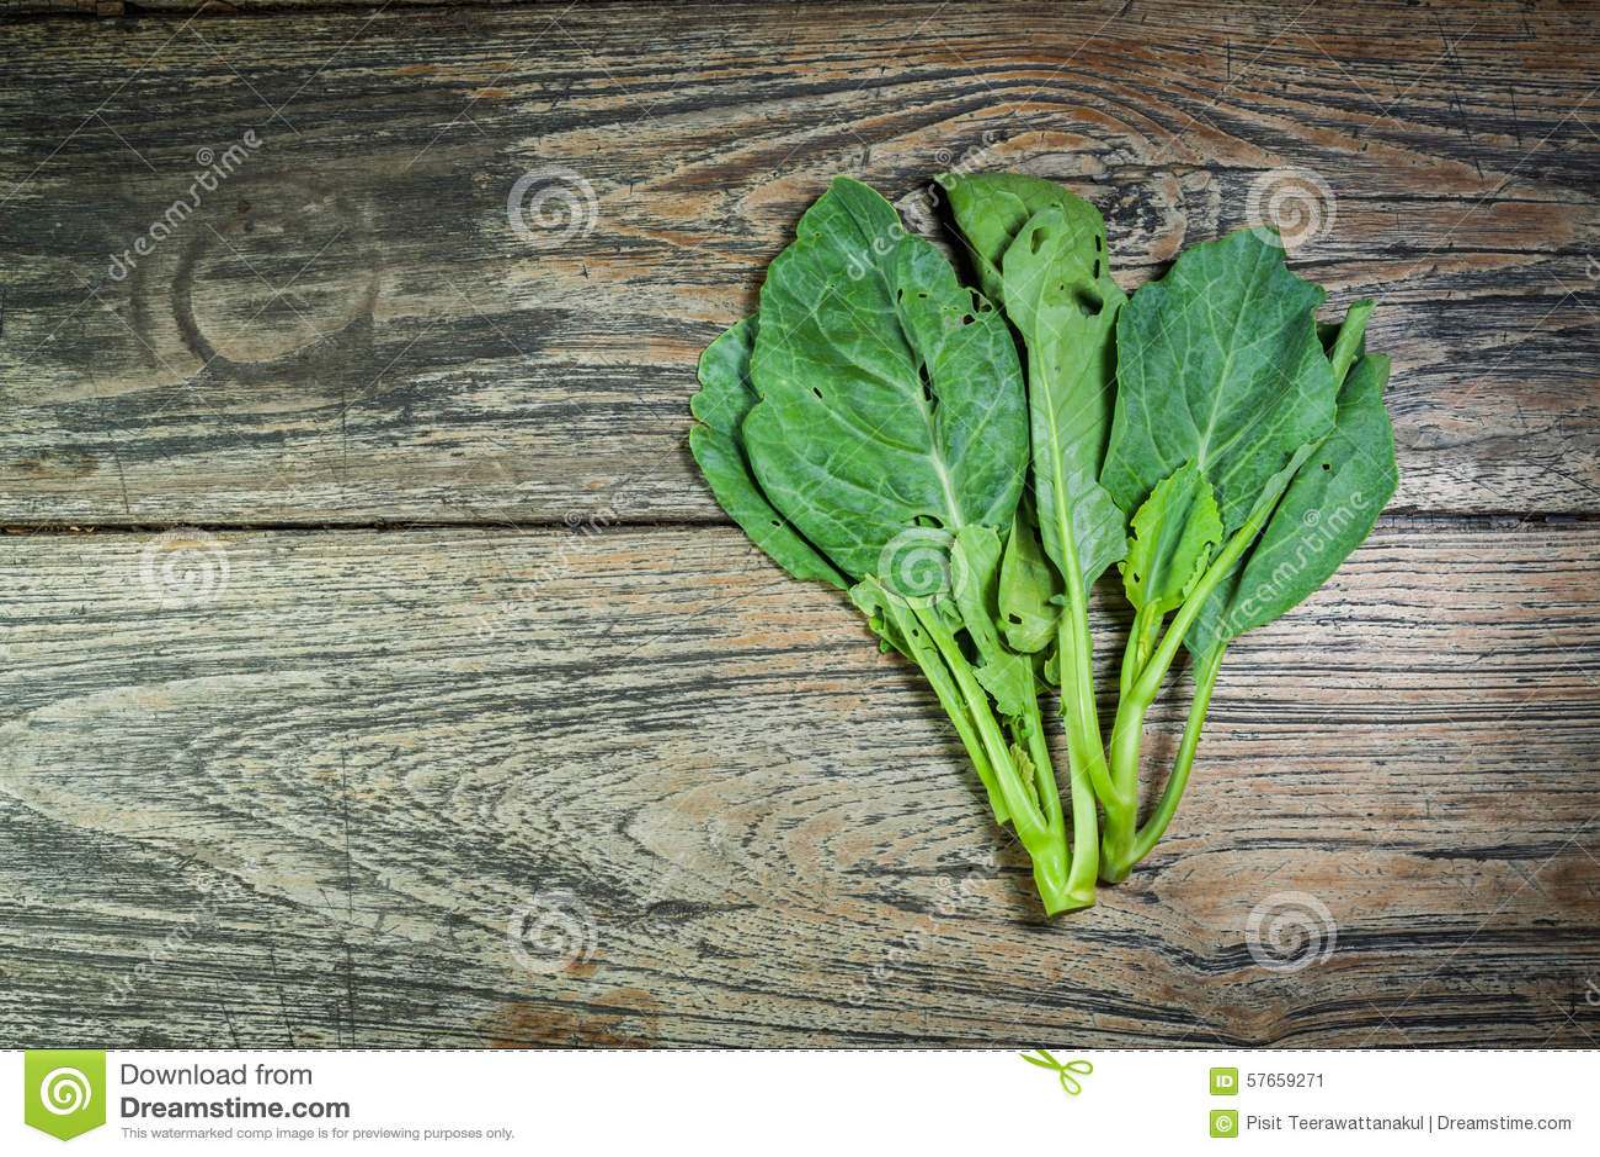 Sapling zielony kale na starym drewnianym tle